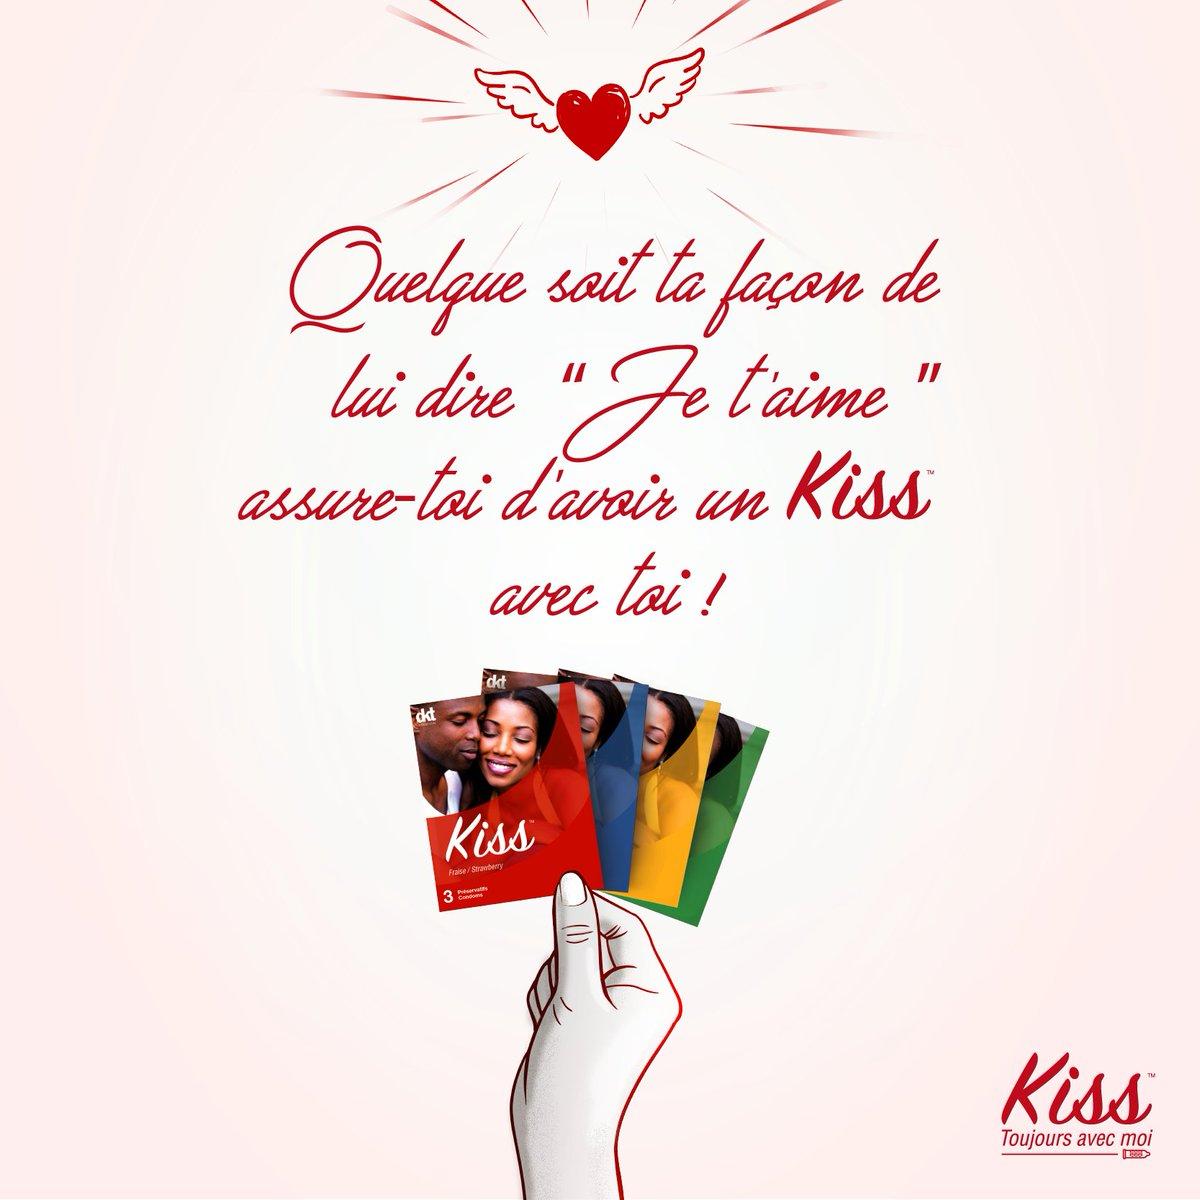 Le plus important lorsqu'on aime c'est de se protéger !  Bonne #SaintValentin  les amis, gardez toujours #Kiss prêt de vous ! #AdopteKiss<br>http://pic.twitter.com/3oB3vBGhzh